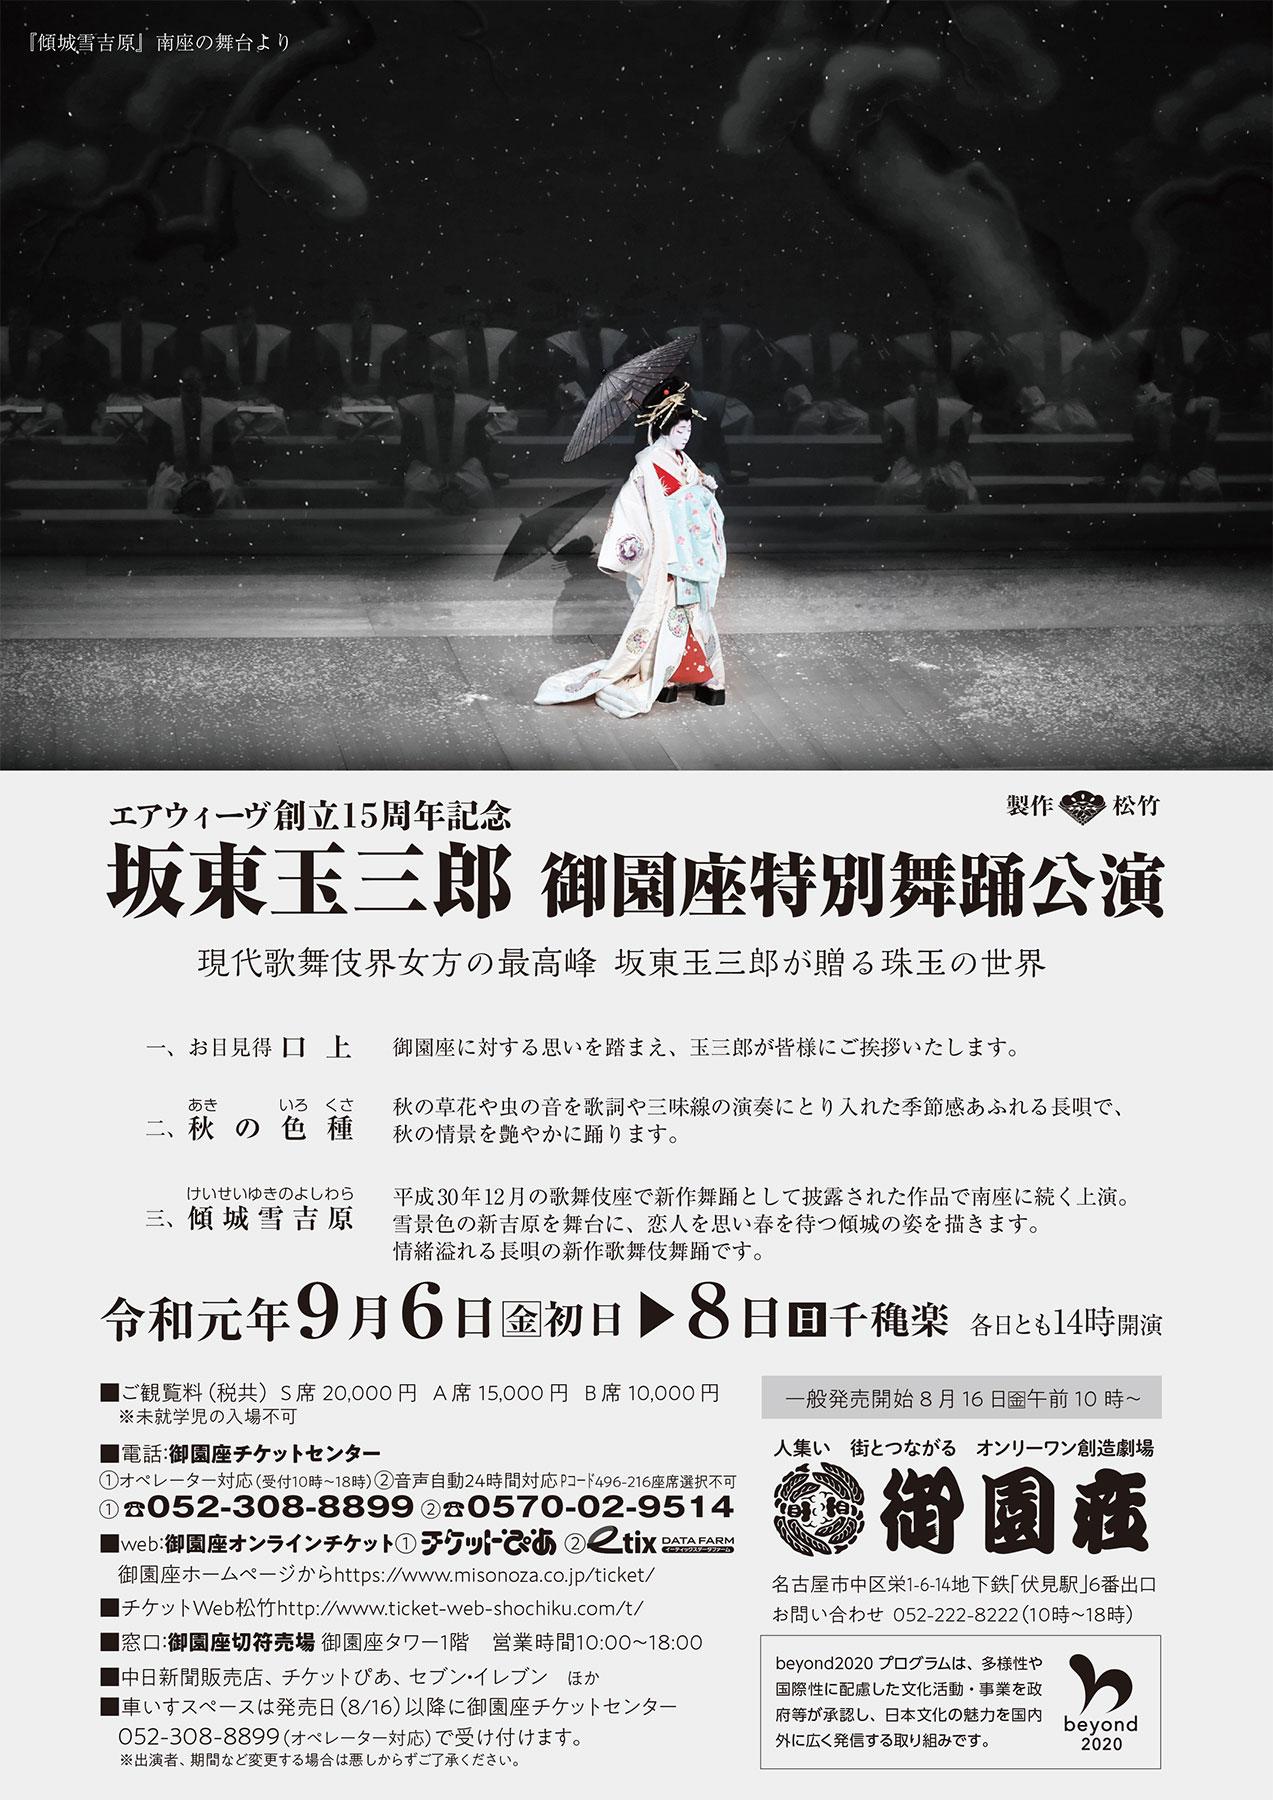 坂東玉三郎御園座特別舞踊公演